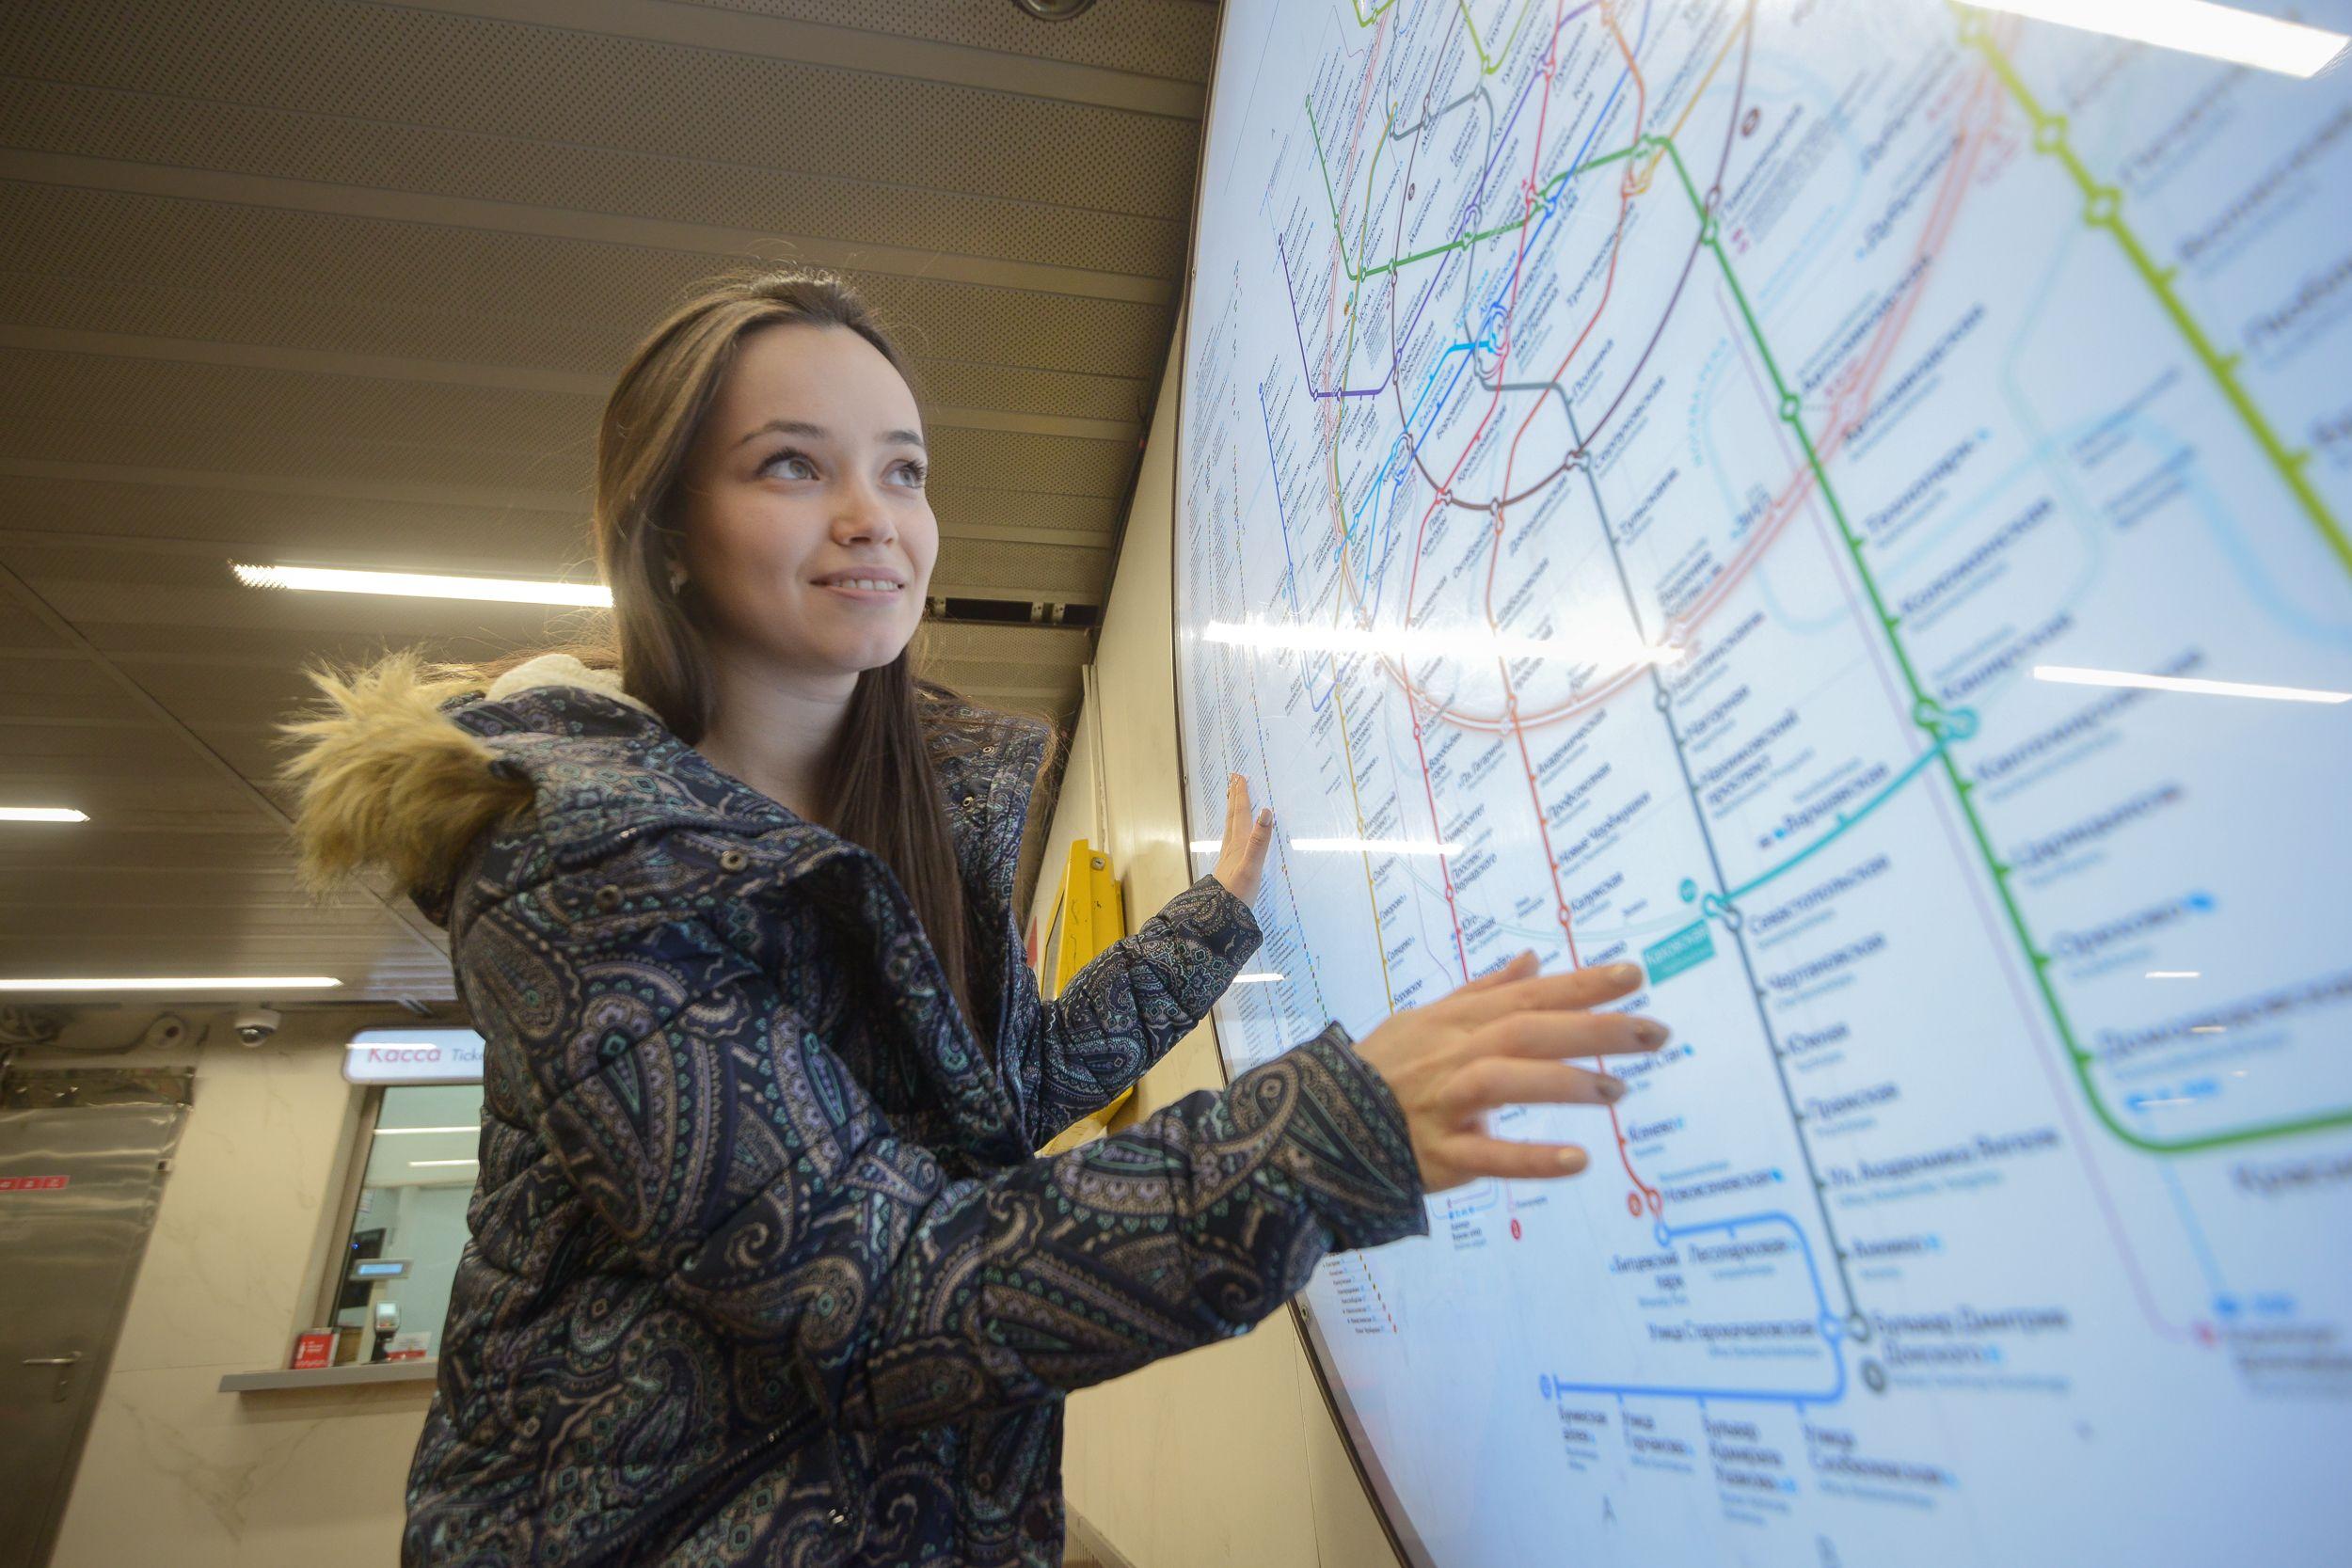 Конкурс на дизайн станции «Кленовый бульвар 2» стартовал среди архитекторов